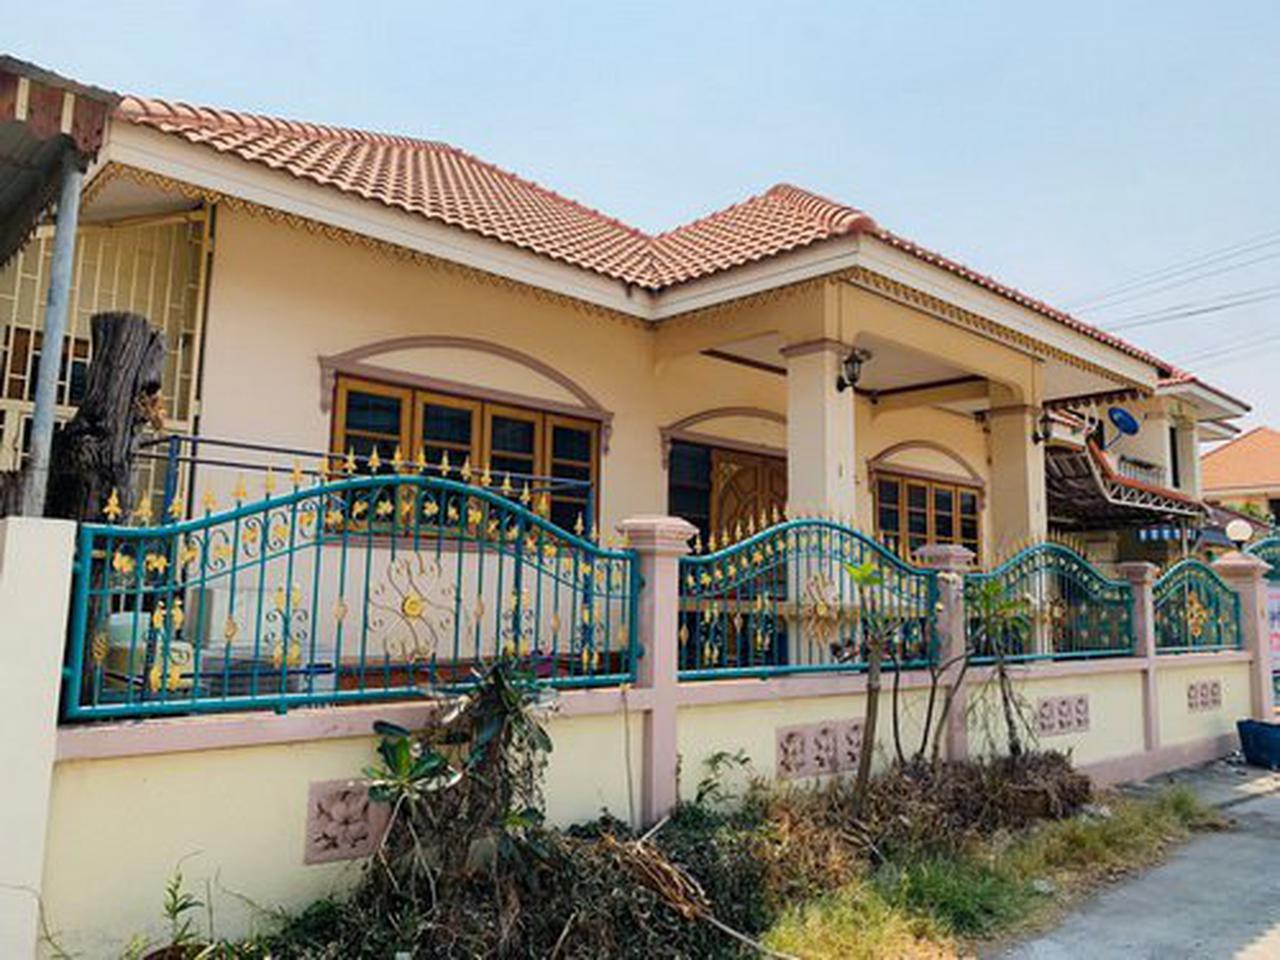 ขายบ้านเดี่ยวชั้นเดียว หมู่บ้านยุคลธร ขนาด 67.1 ตรว หมู่บ้านยุคลธร อ.พระพุทธบาท จ.สระบุรี    รูปที่ 2